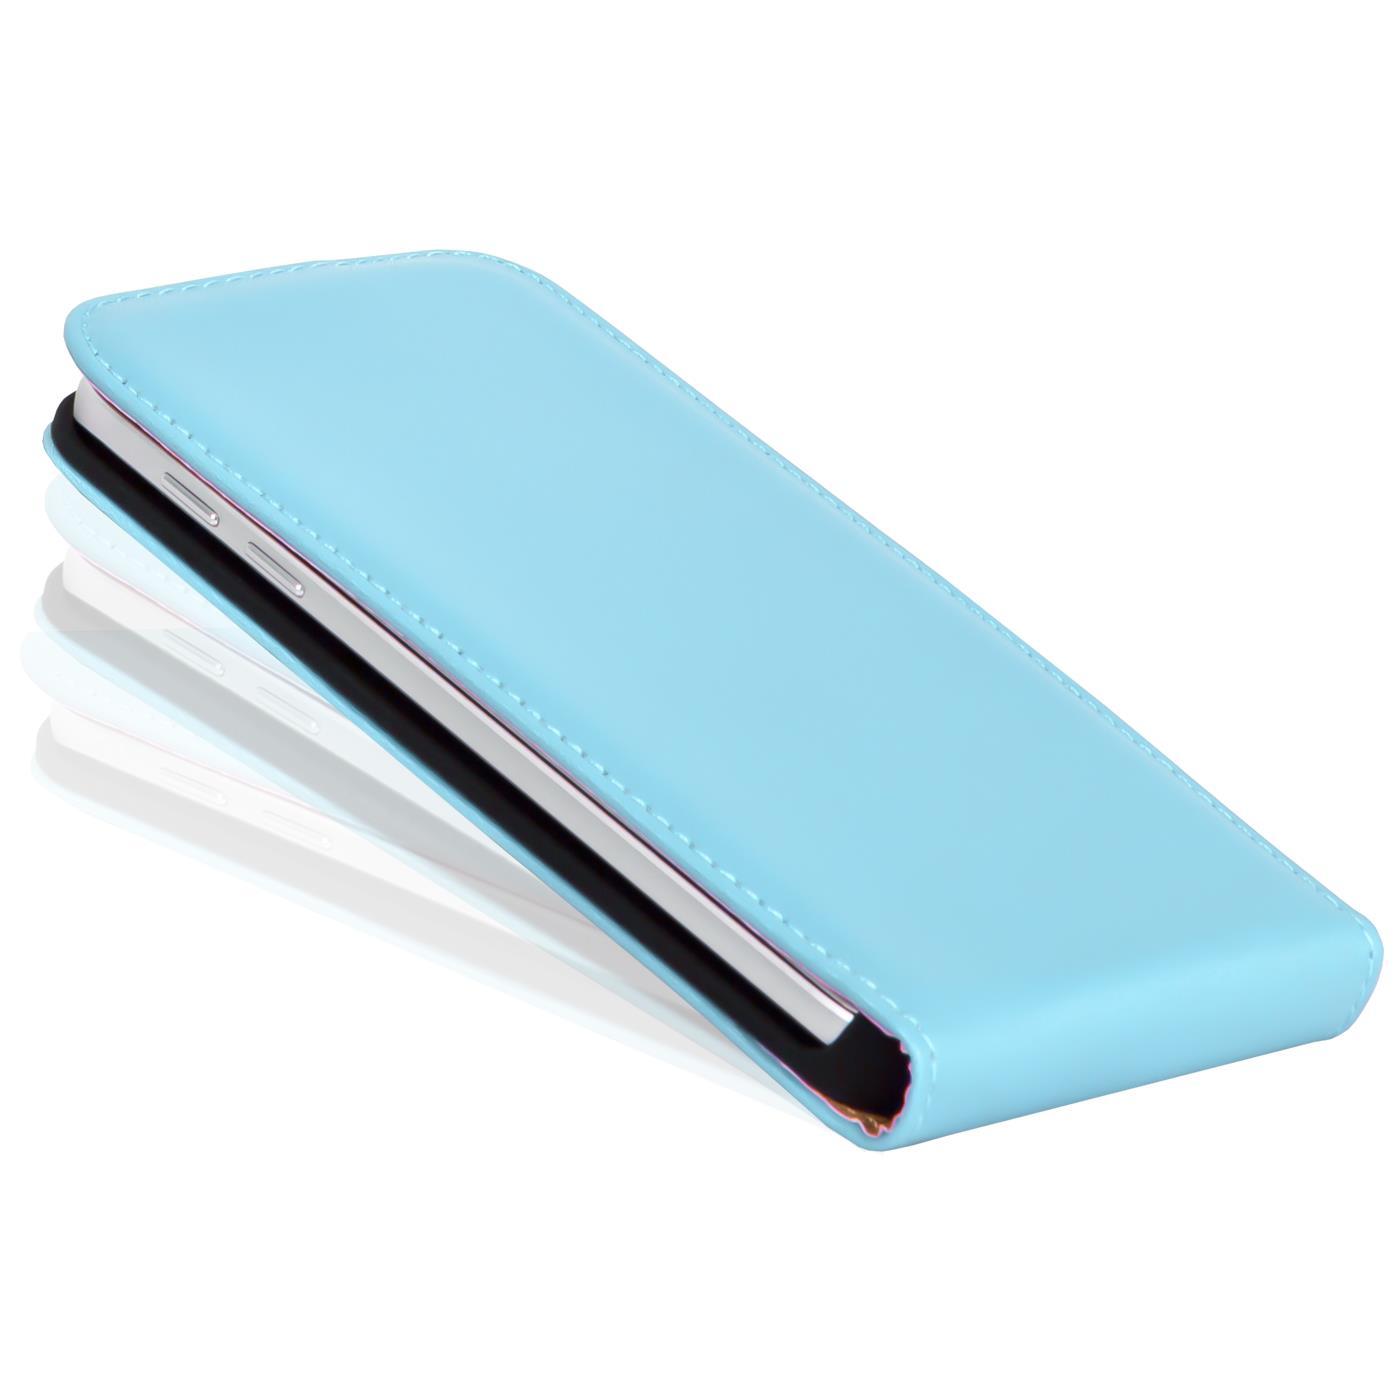 Klapphuelle-Samsung-Galaxy-Flip-Case-Tasche-Schutzhuelle-Cover-Schutz-Handy-Huelle Indexbild 55